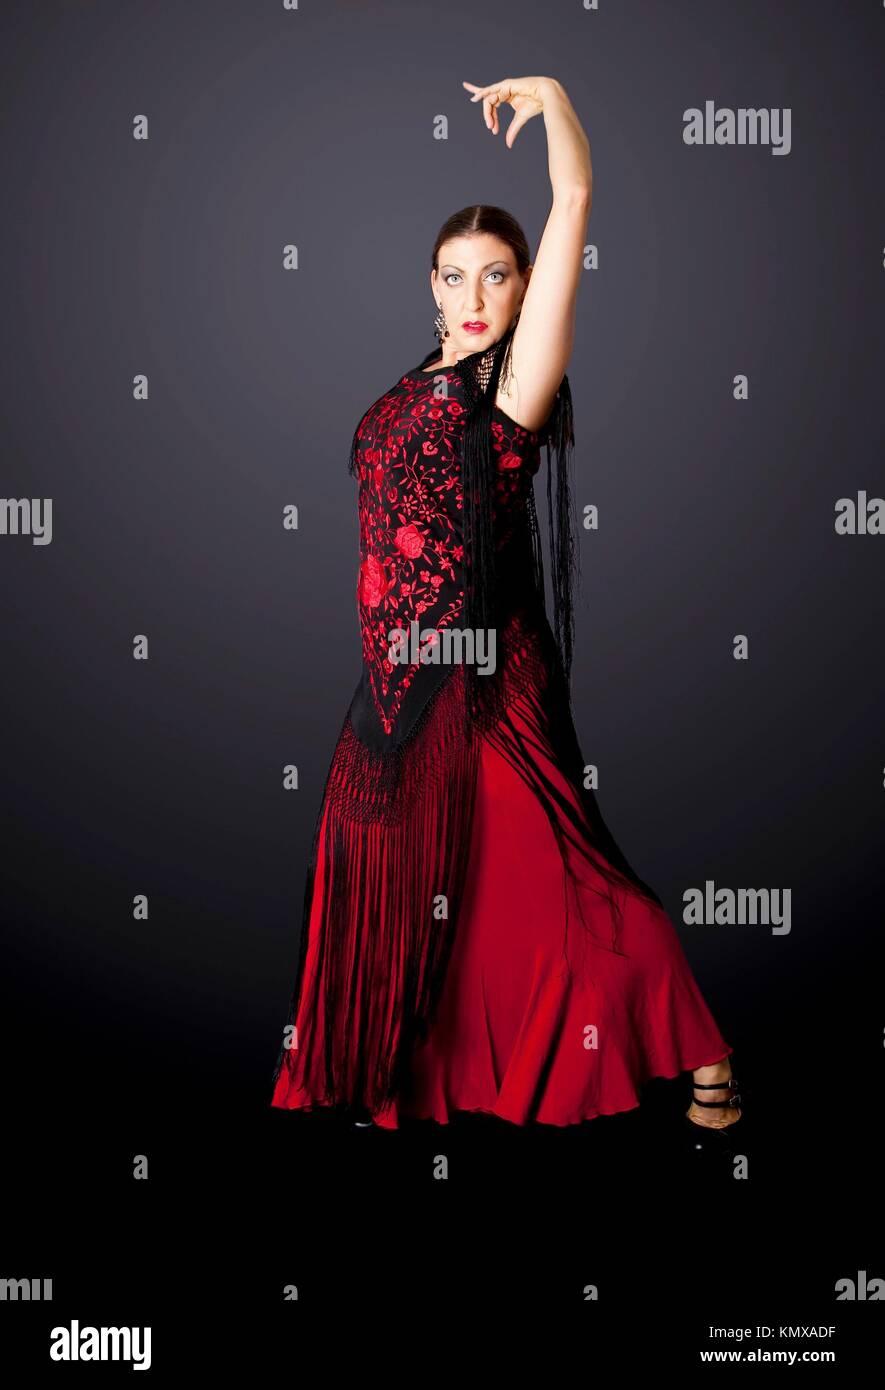 557afe503 Belleza Española Mujer Flamenco Imágenes De Stock   Belleza Española ...